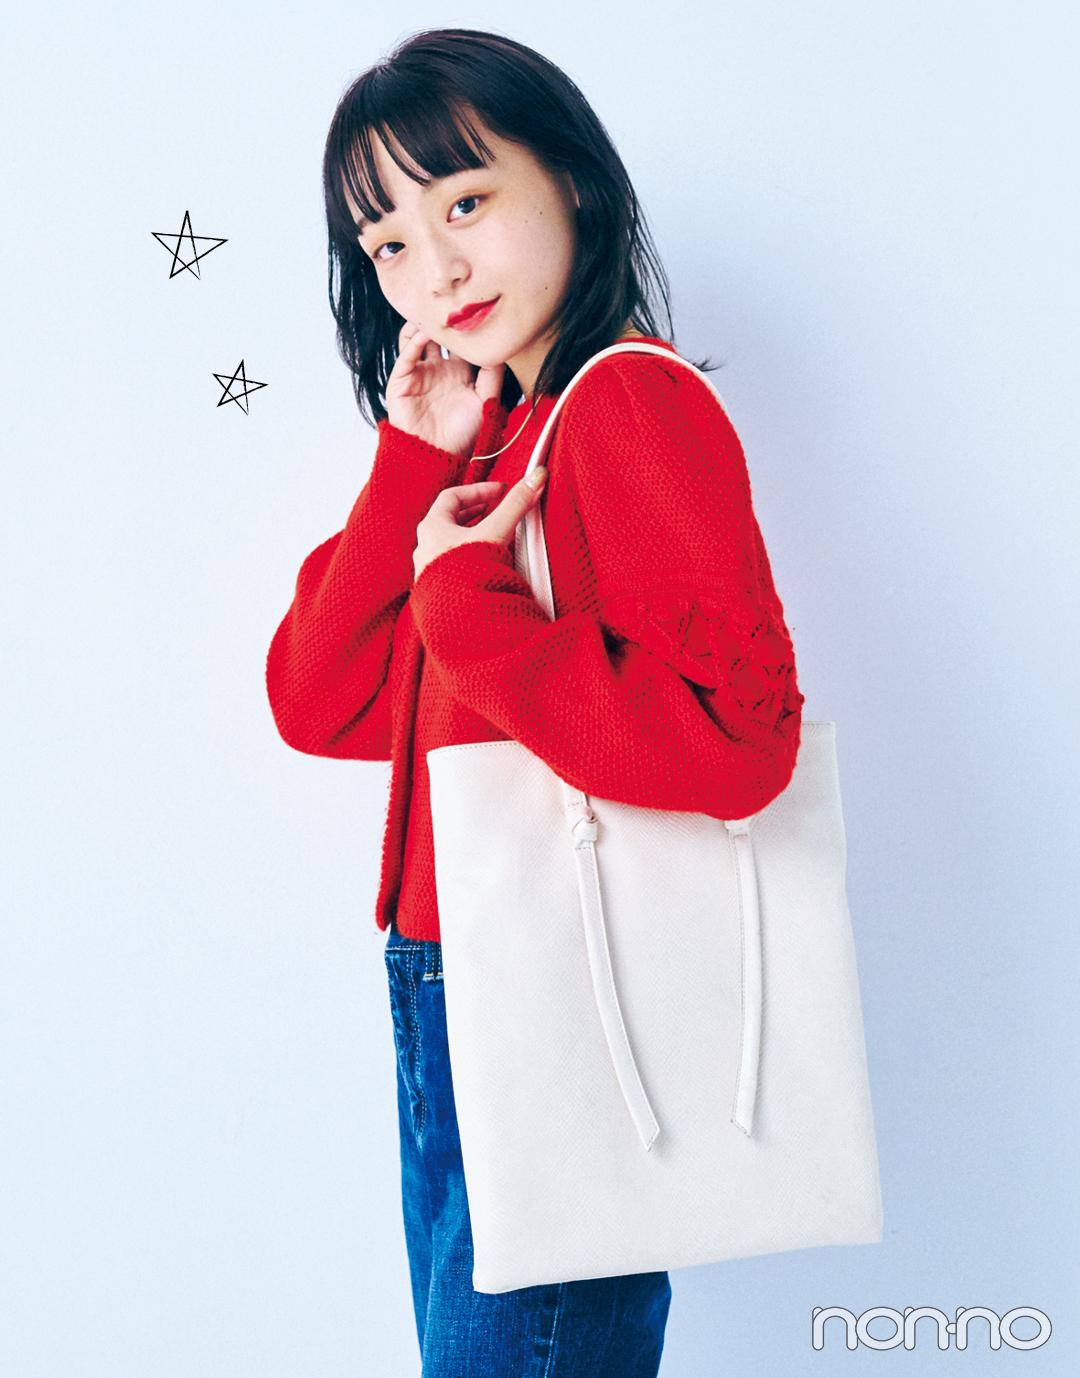 【新しい日常のバッグの中身大調査】脱ミニマリスト! 巨大裁縫ポーチを持ち歩くファッション学生の場合♡_1_3